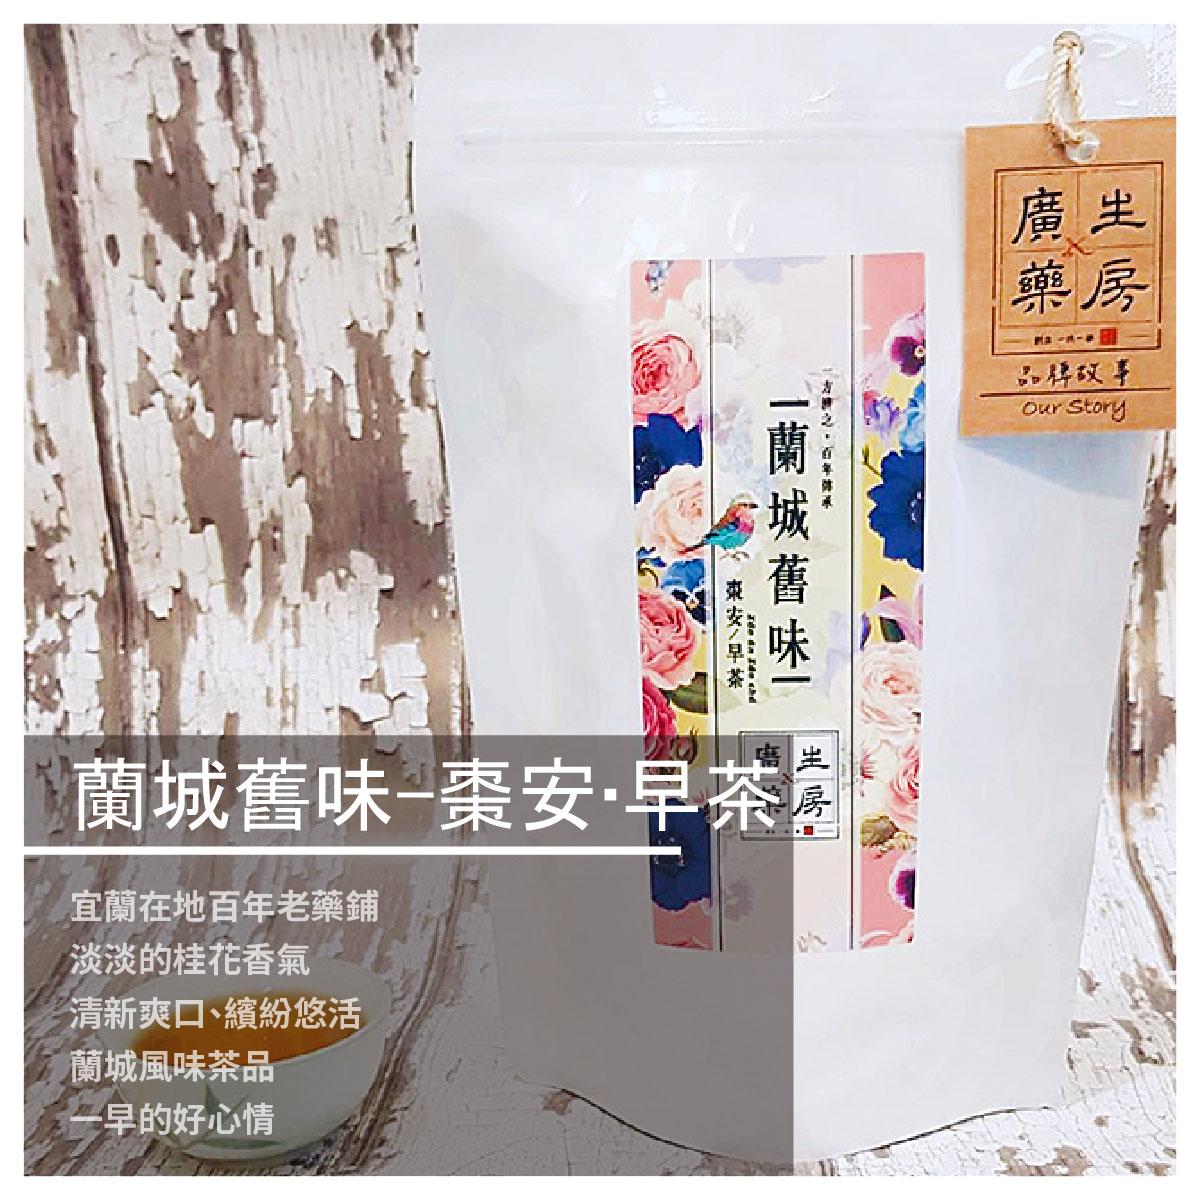 【廣生藥房】蘭城舊味-棗安‧早茶/15入/袋